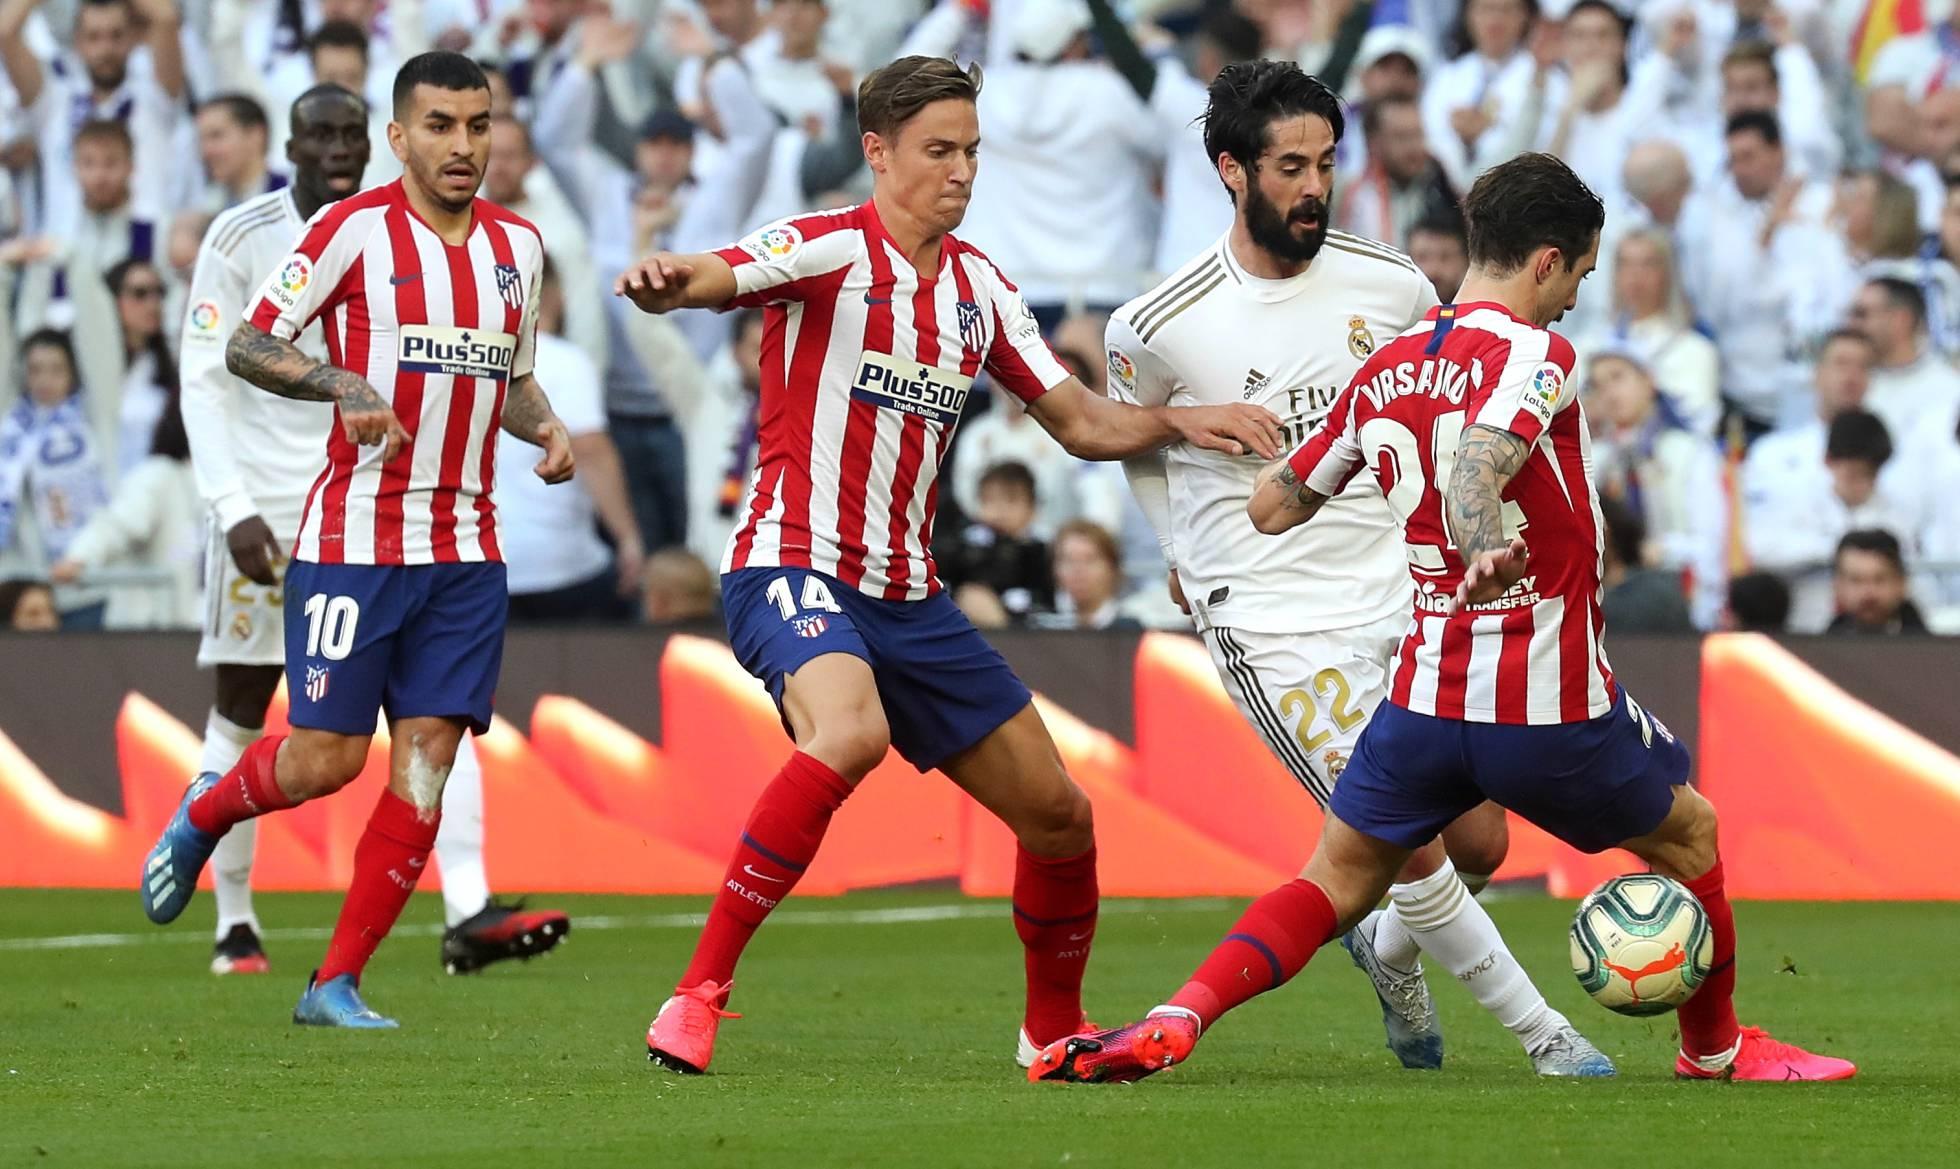 Fotos: Real Madrid - Atlético, las imágenes del derbi   Deportes   EL PAÍS